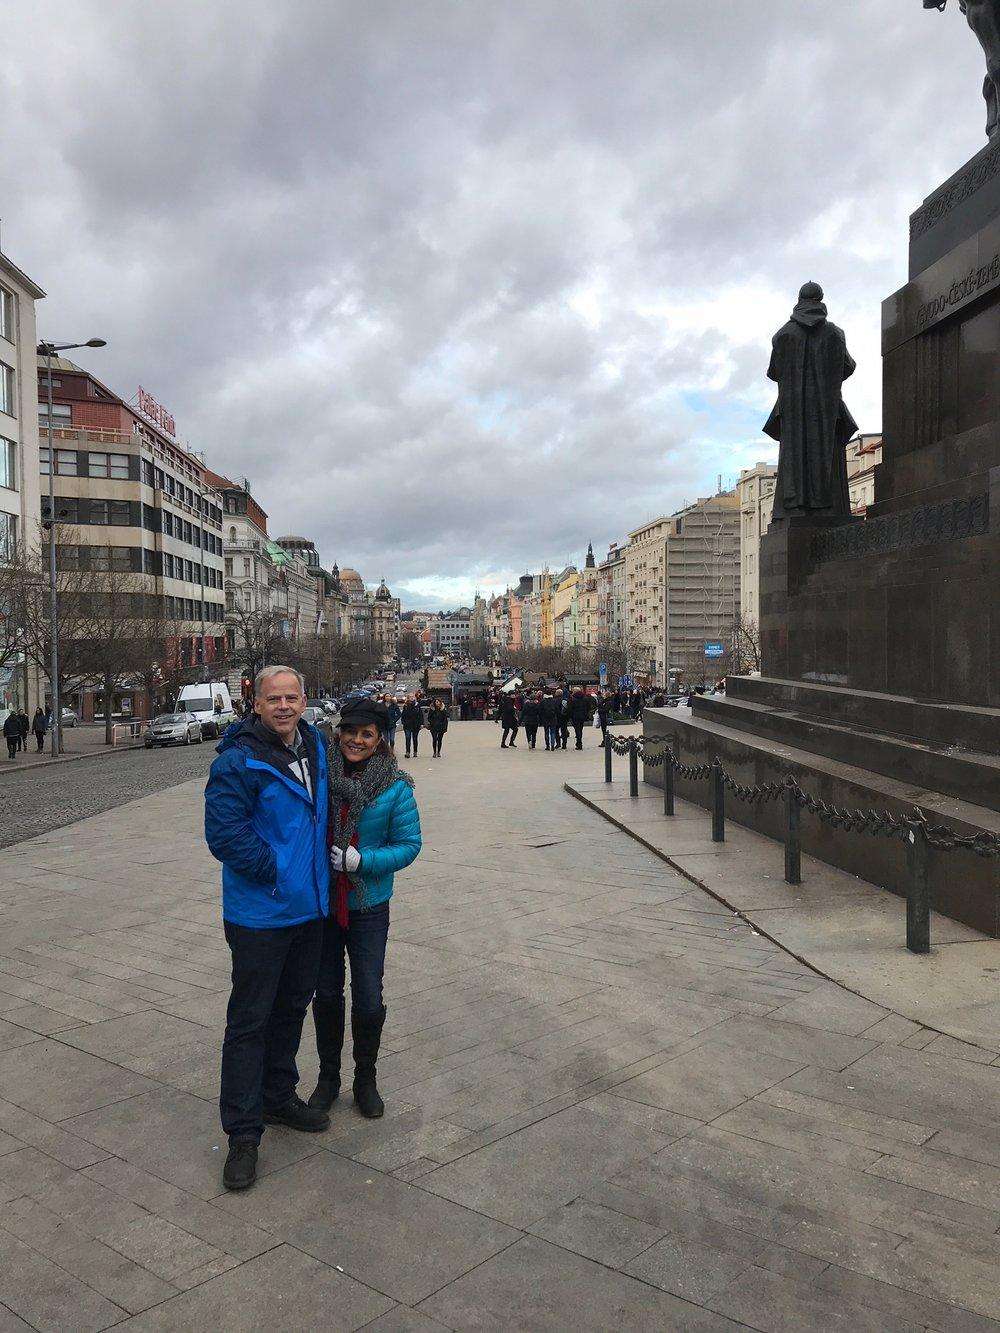 Wenceslas Square - Prauge